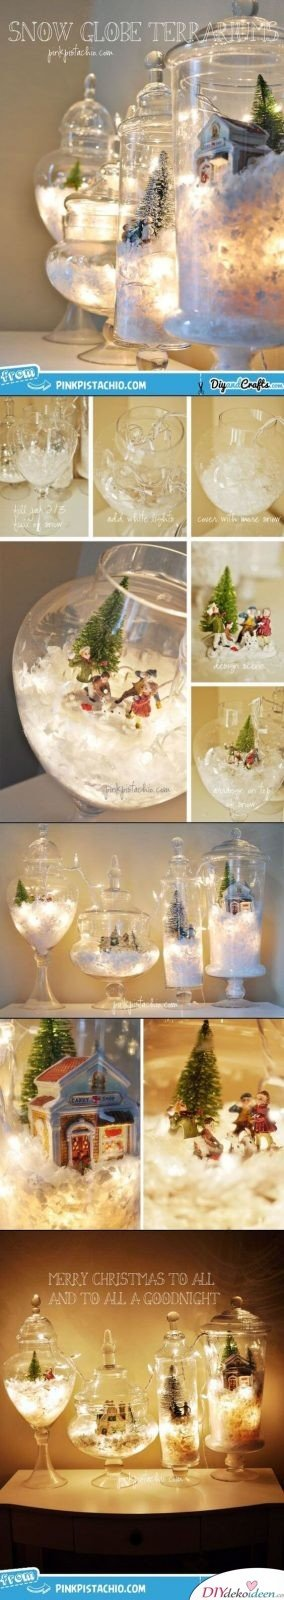 Weihnachtsdeko Ideen mit Lichterketten-Glasvasen mit Kunstschnee und einer Winterszene